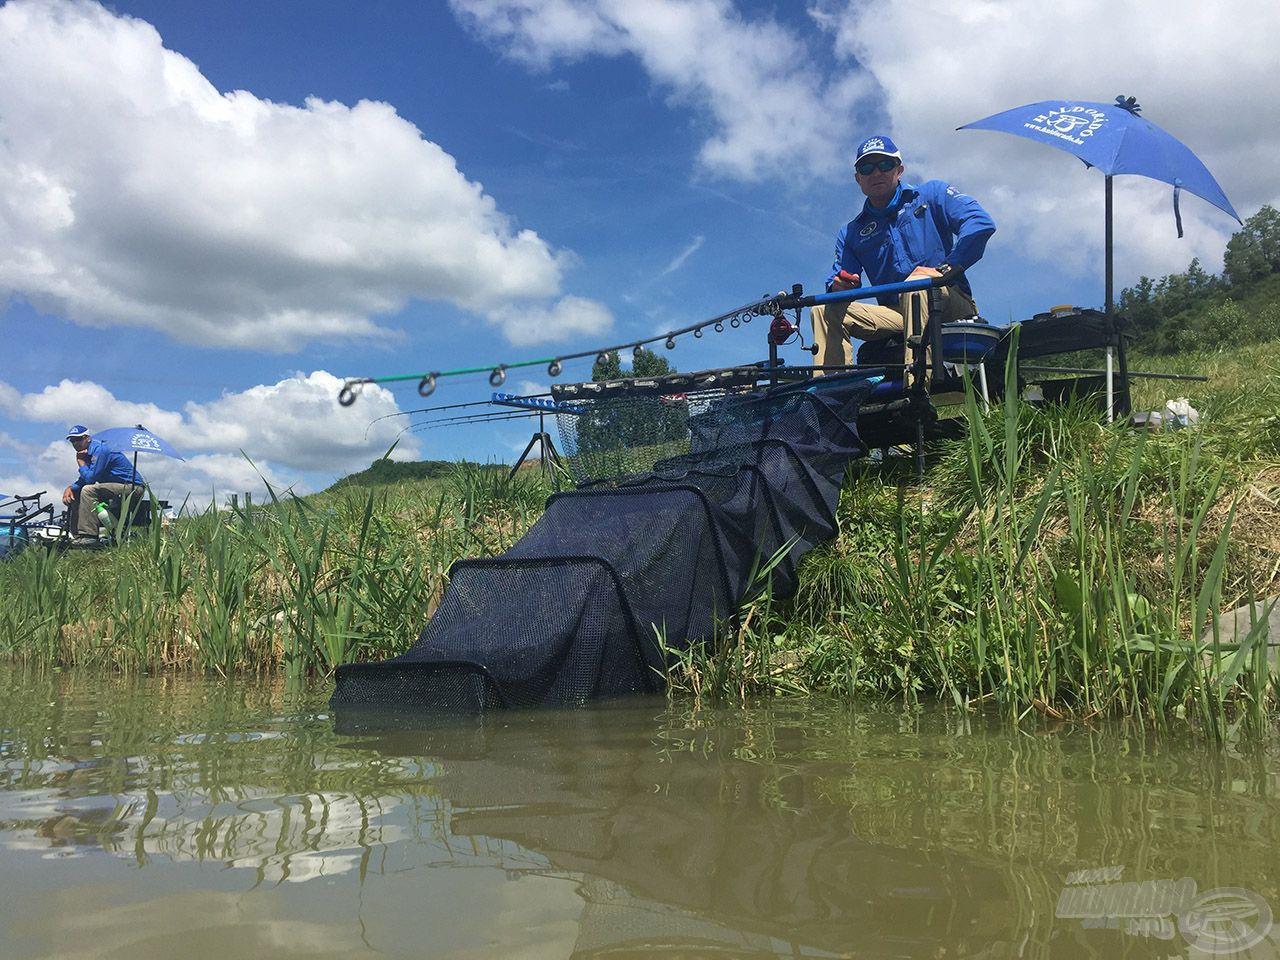 Ahogy nő a meghorgászandó távolság, ahogy nő a halak ereje és mérete, valamint a végszerelék össztömege, úgy kell egyre hosszabb és erősebb feederbotokhoz nyúlni